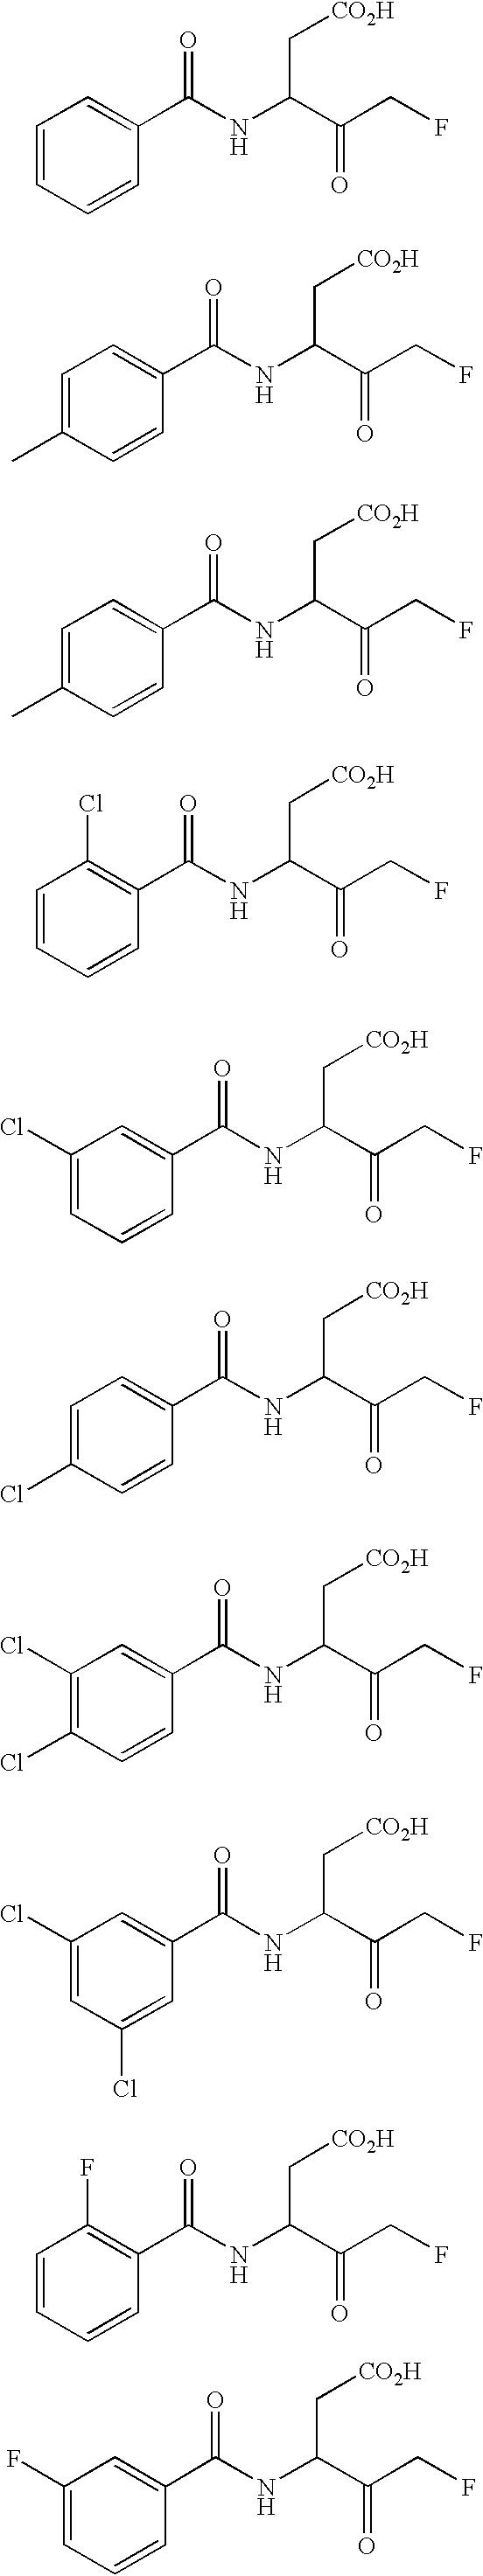 Figure US06632962-20031014-C00053